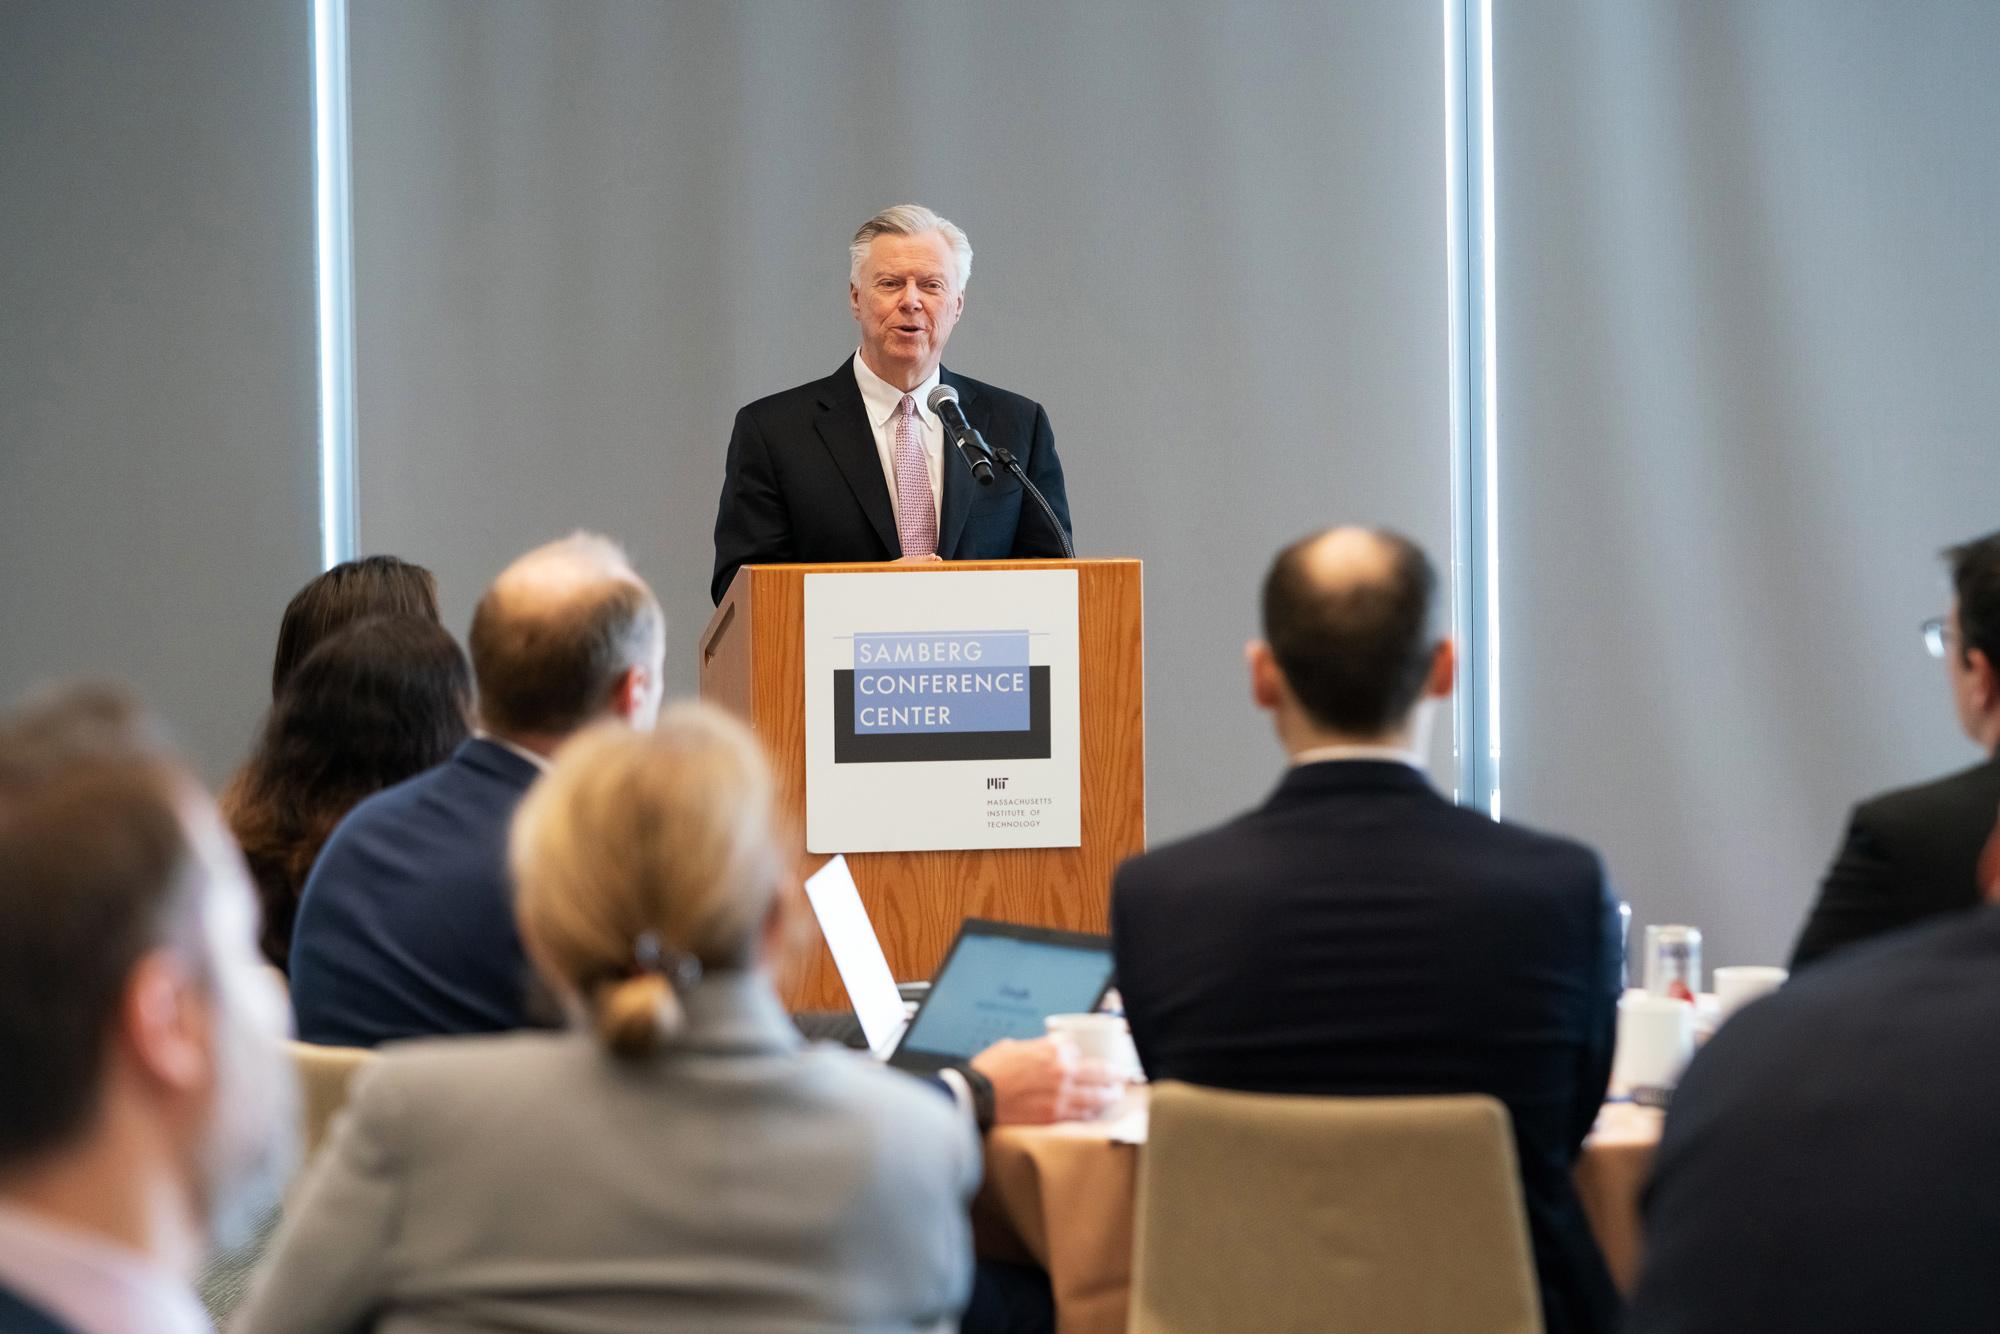 2019 L&ES - David Schmittlein - Remarks